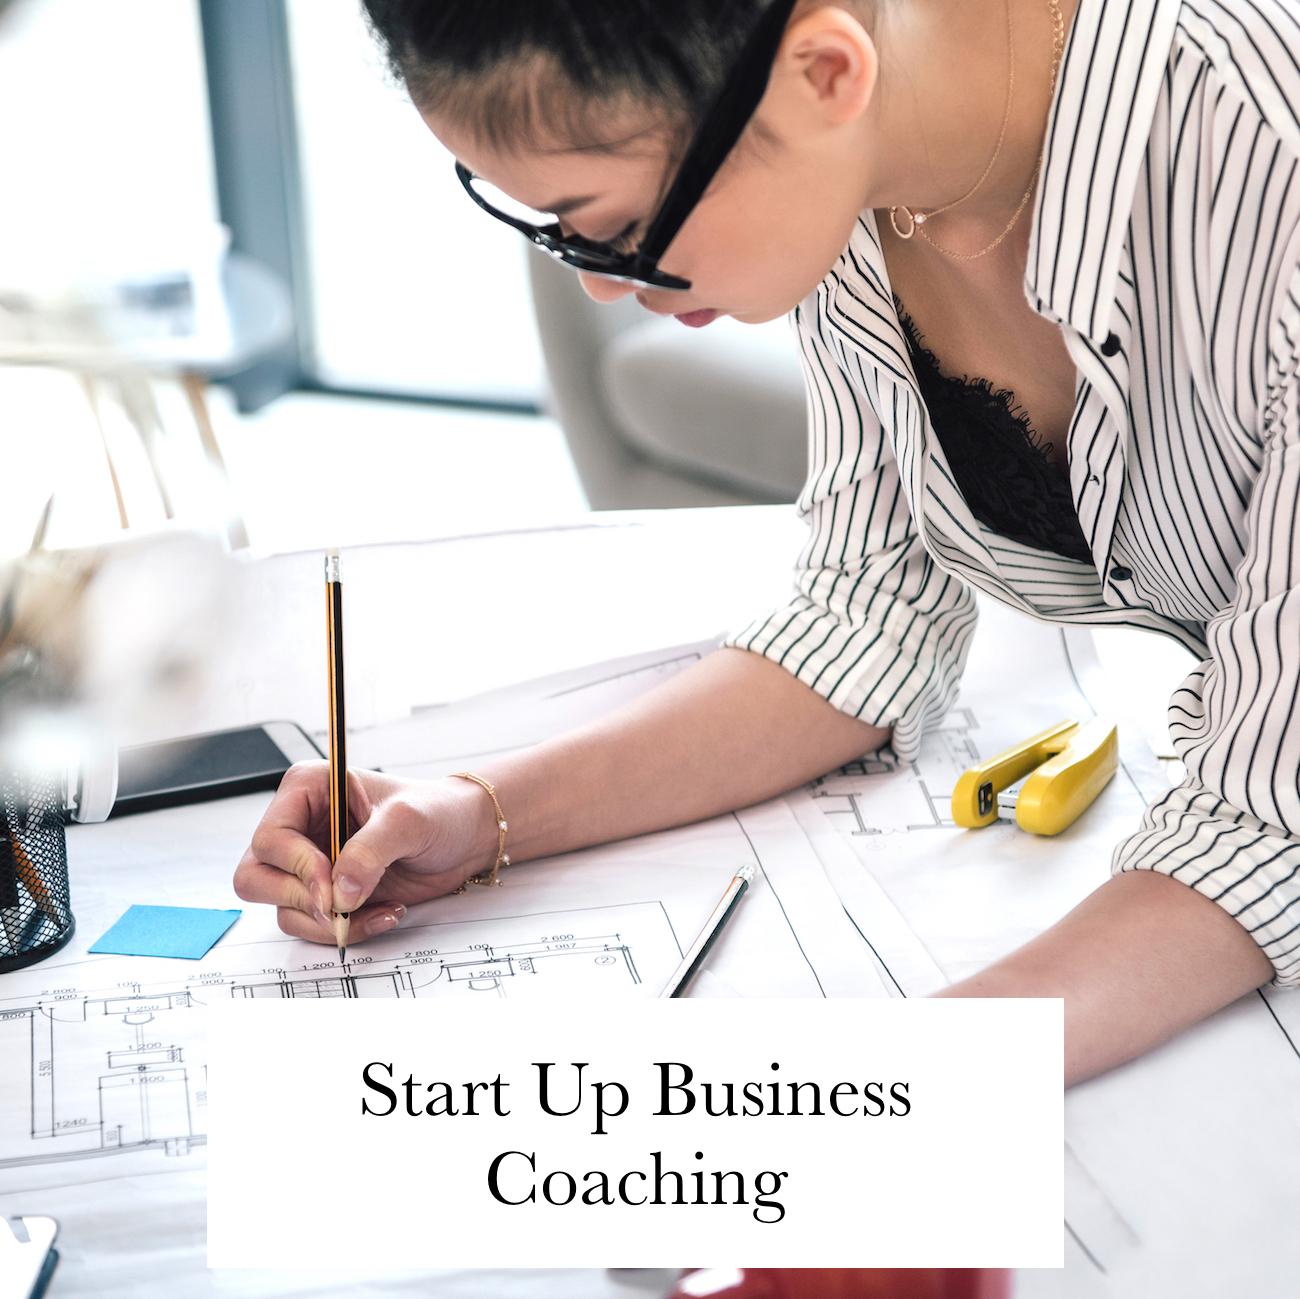 Start Up Business Coaching London